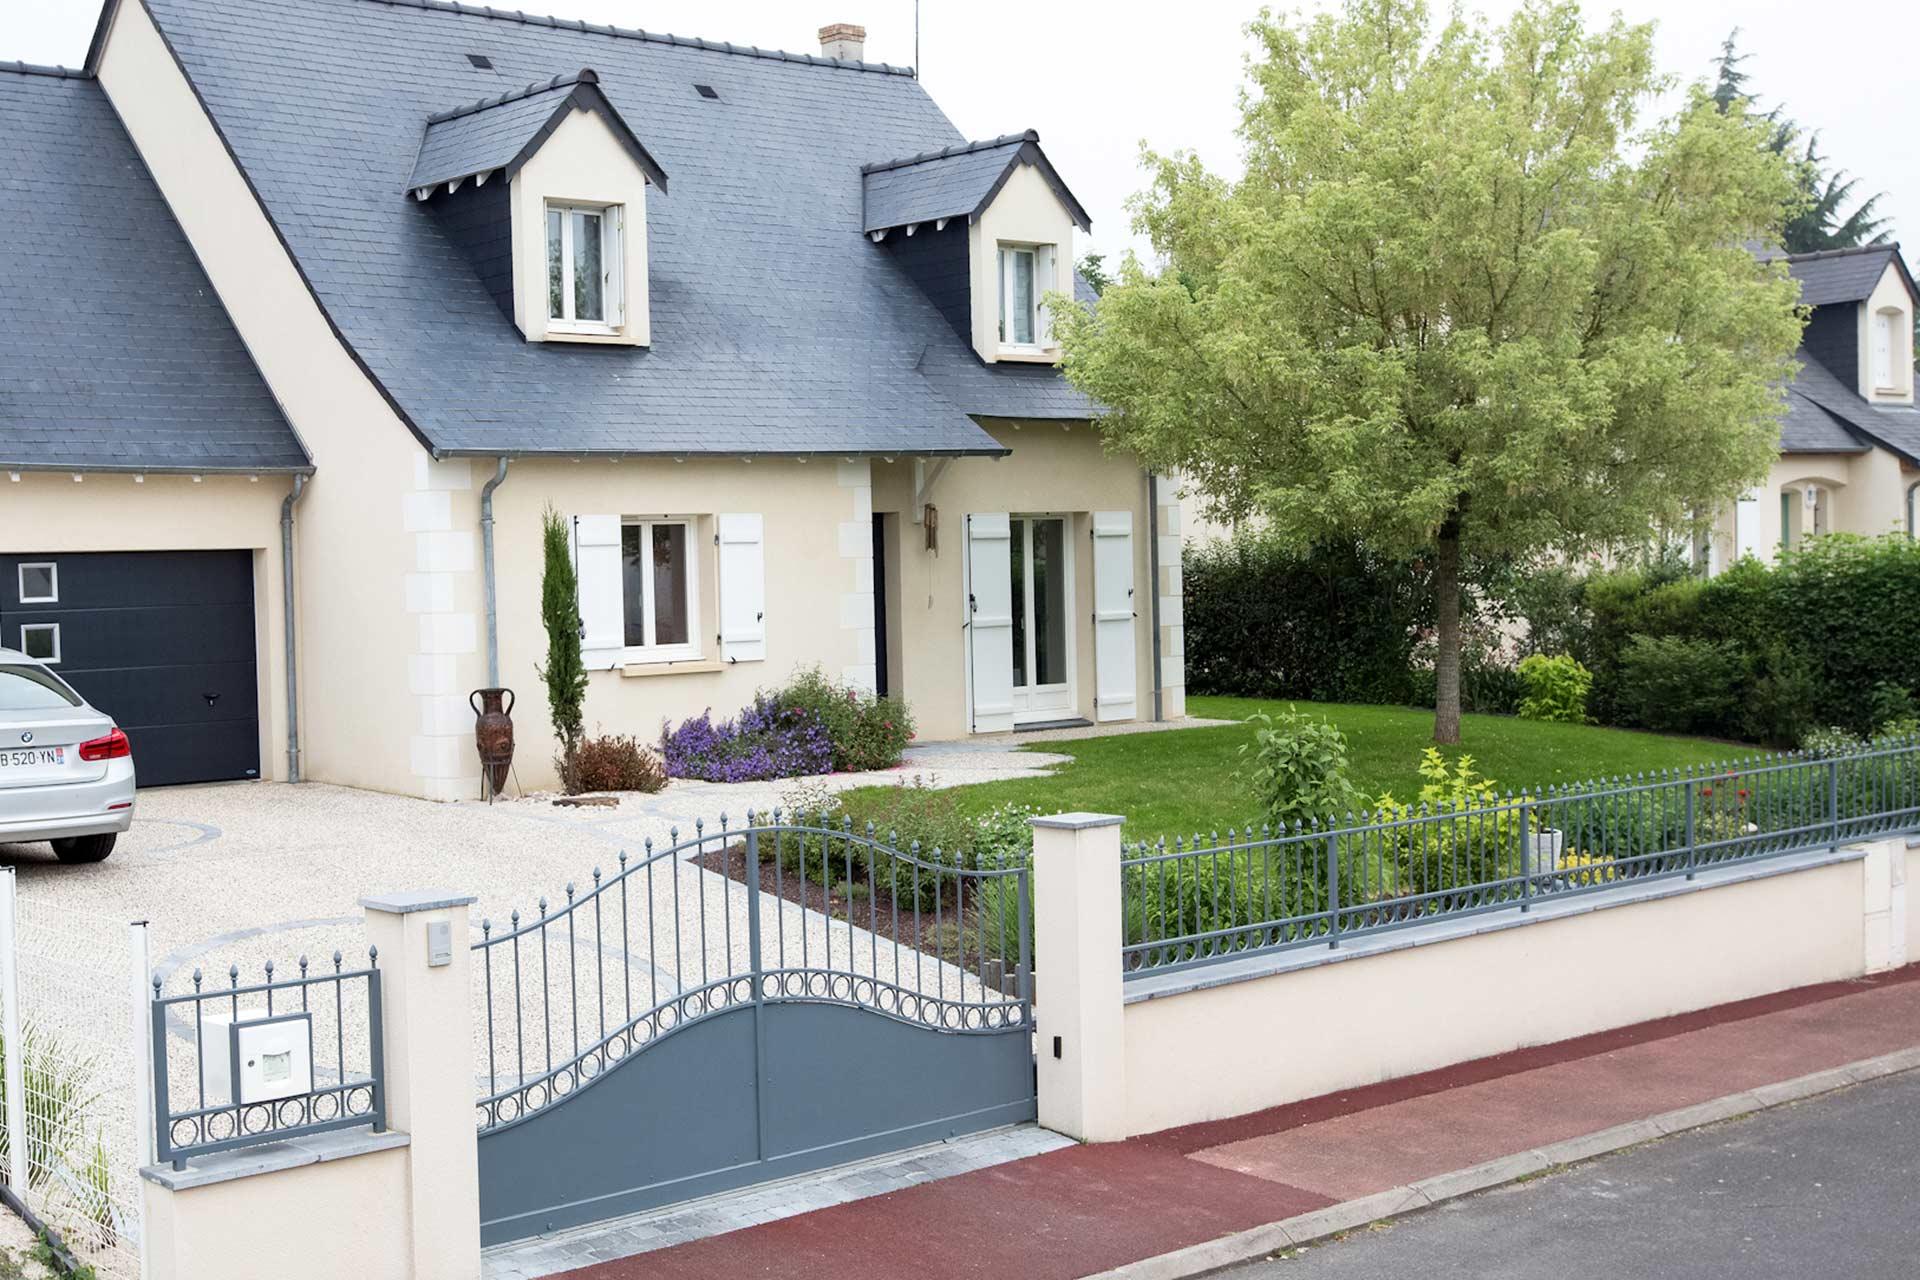 Serrault Jardins entreprise du paysage dans le 37, vous propose toute une gamme de portails et clôture de grande qualité.